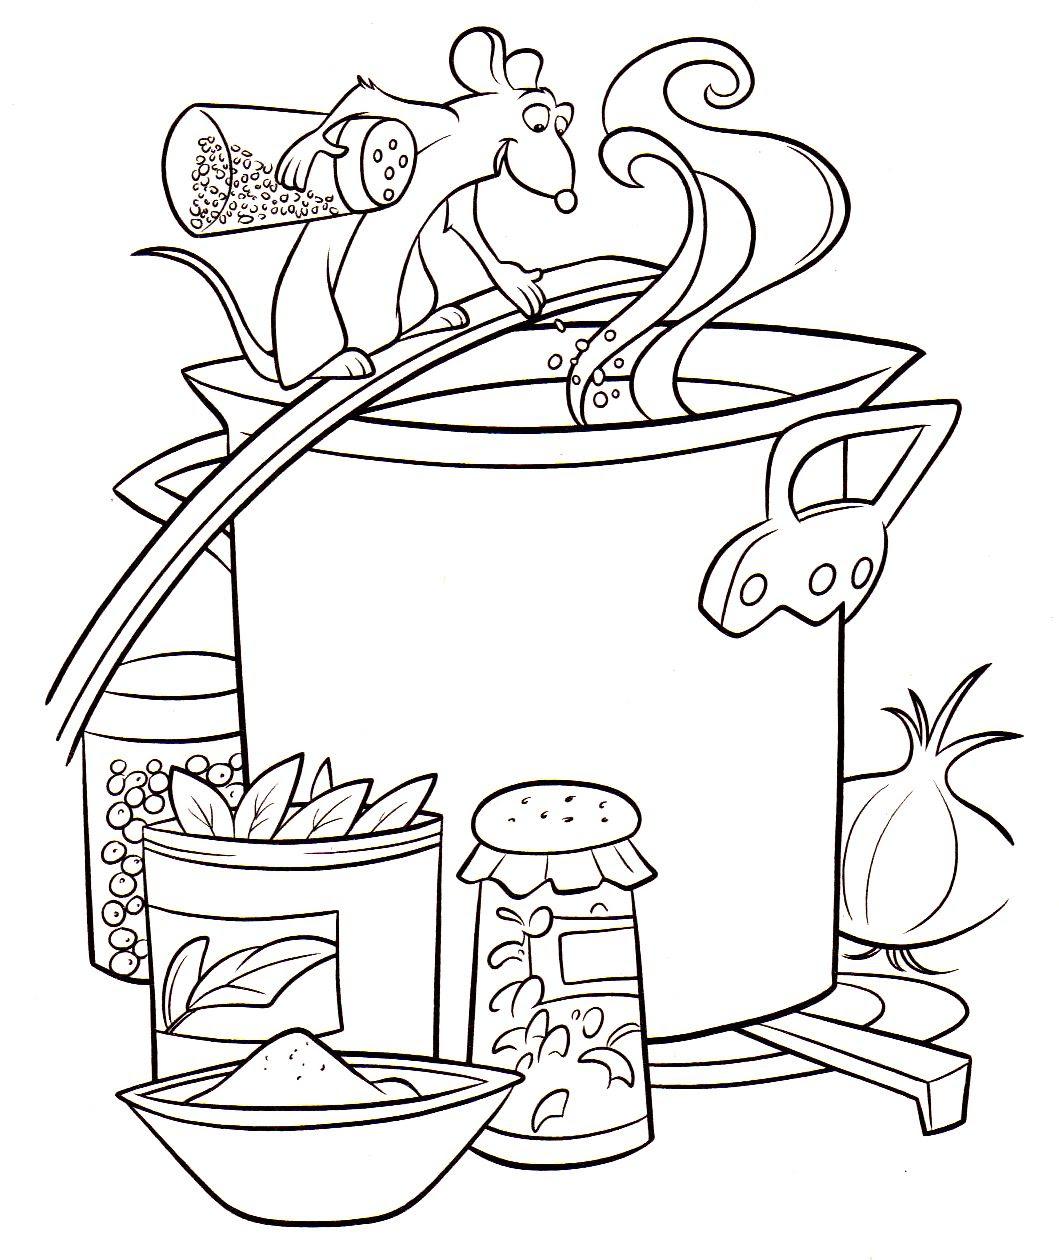 Frais Coloriage De Ratatouille A Imprimer